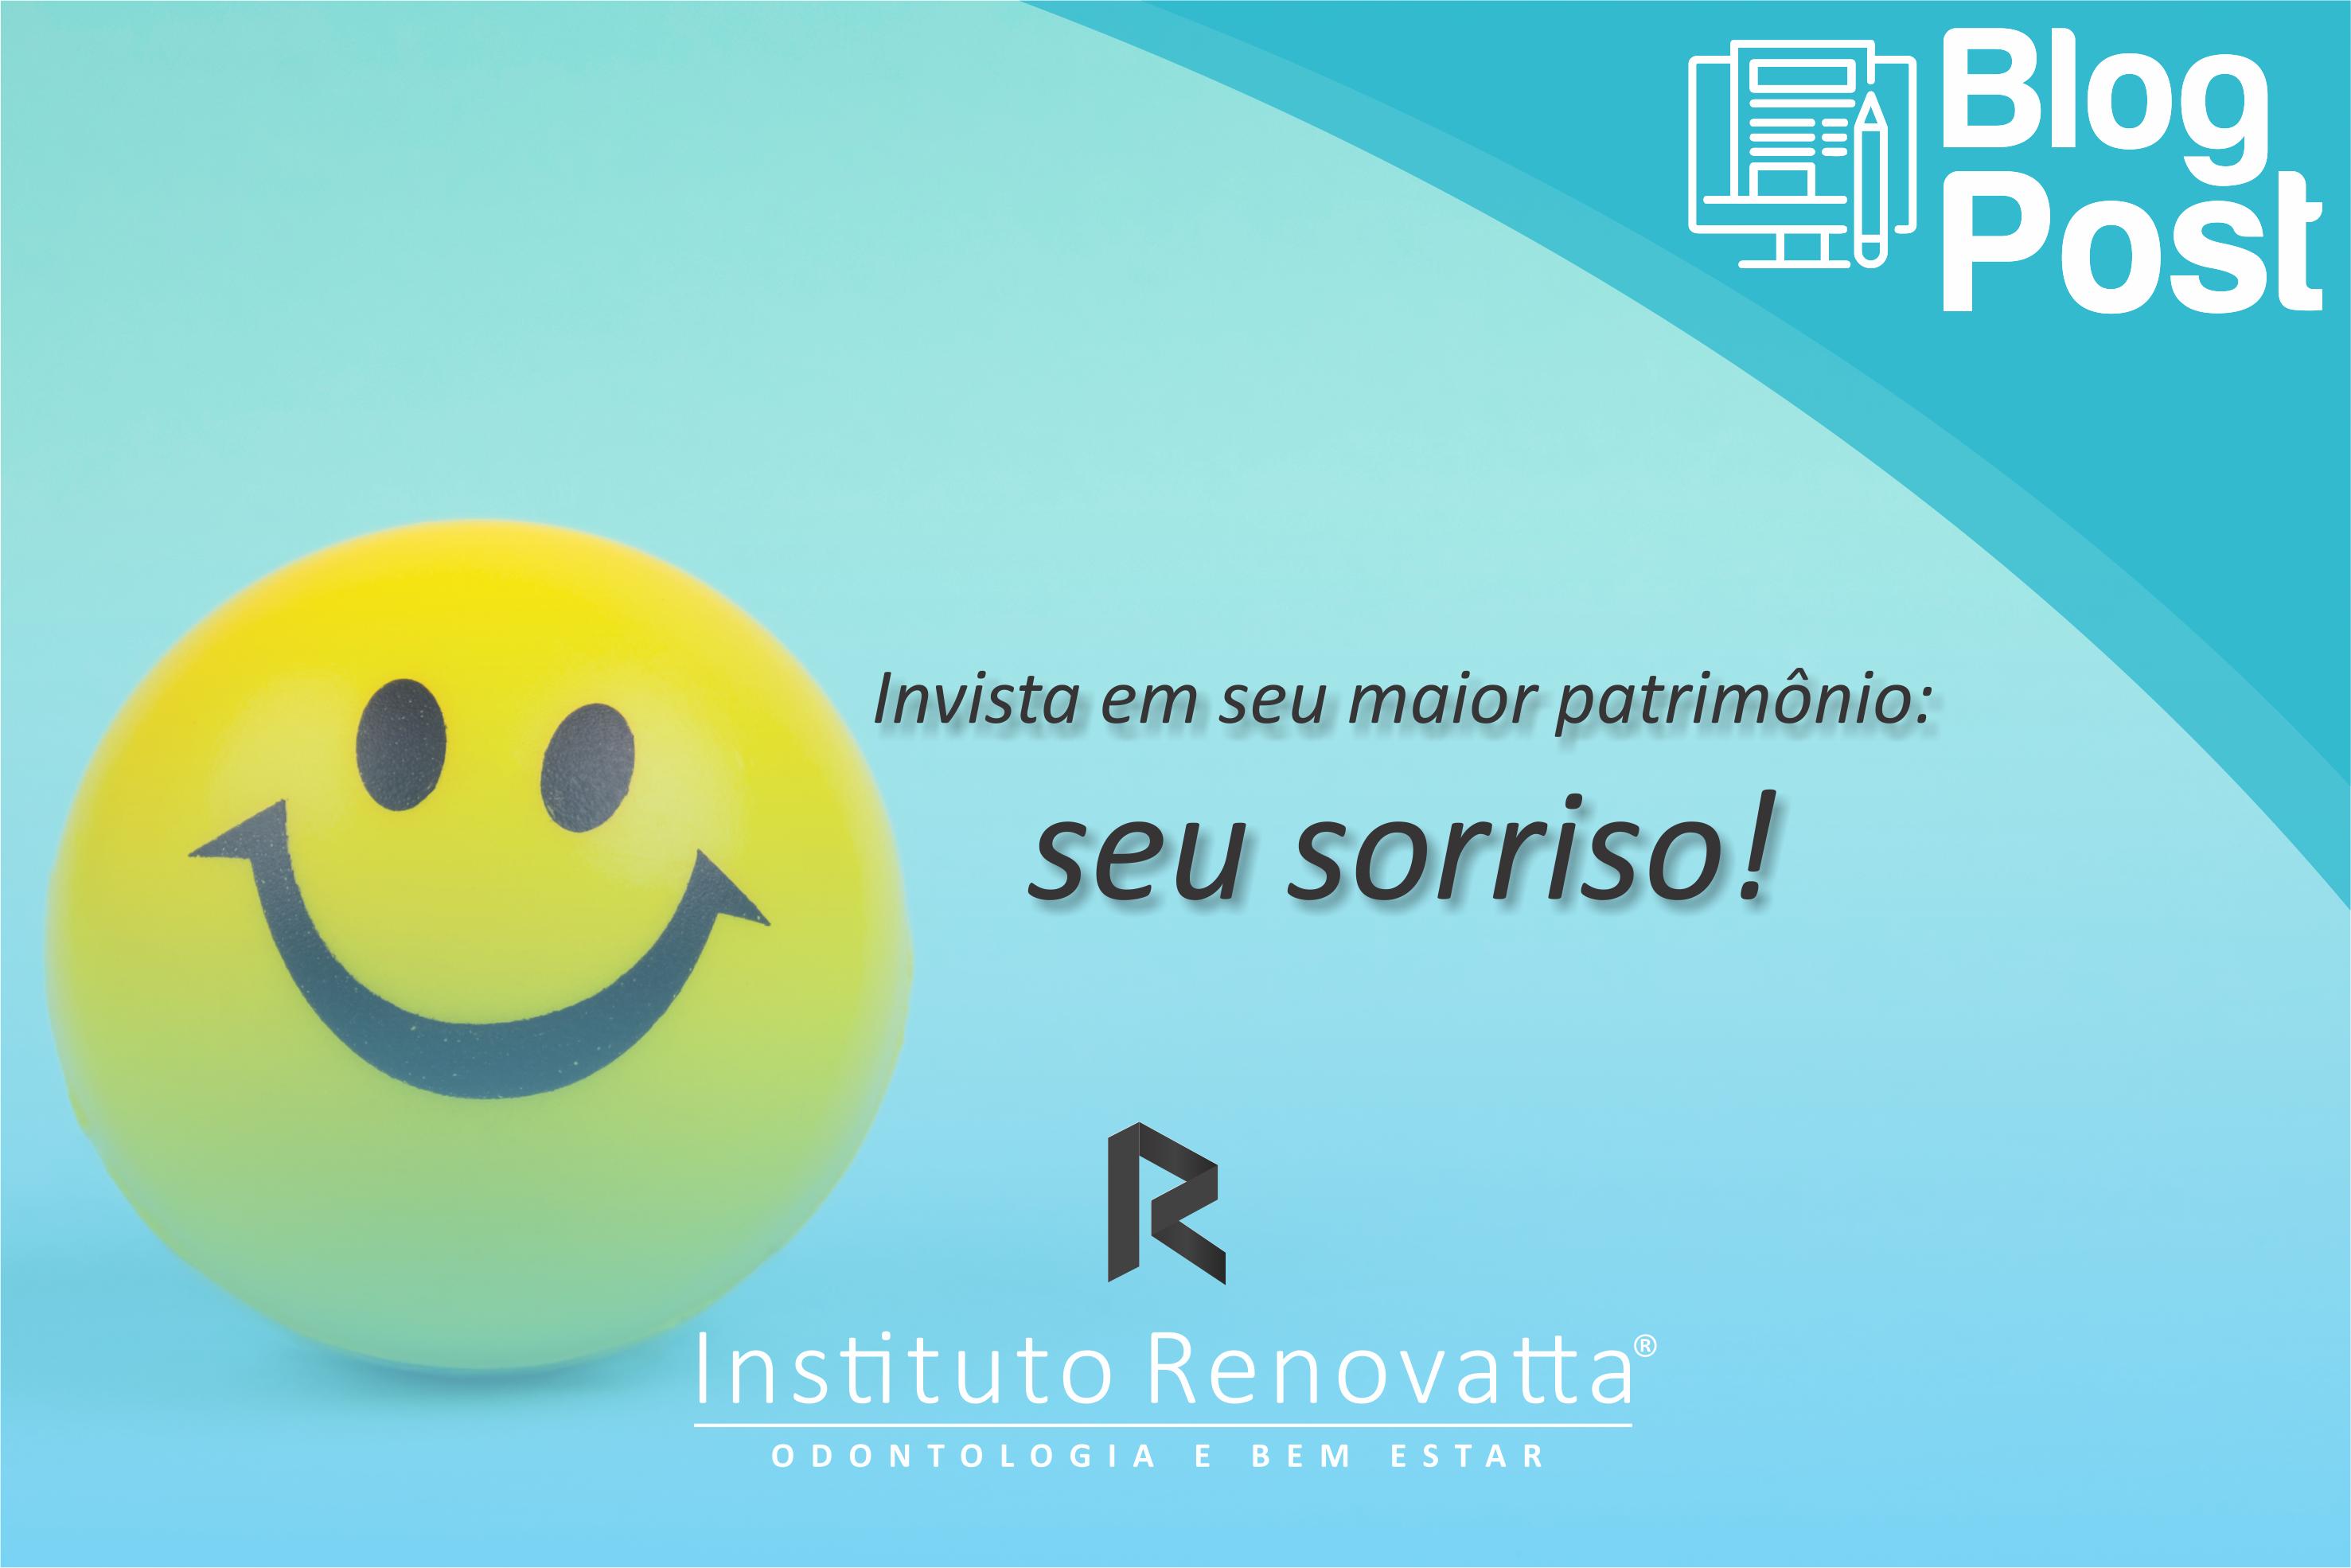 Invista em seu maior patrimônio: seu sorriso!